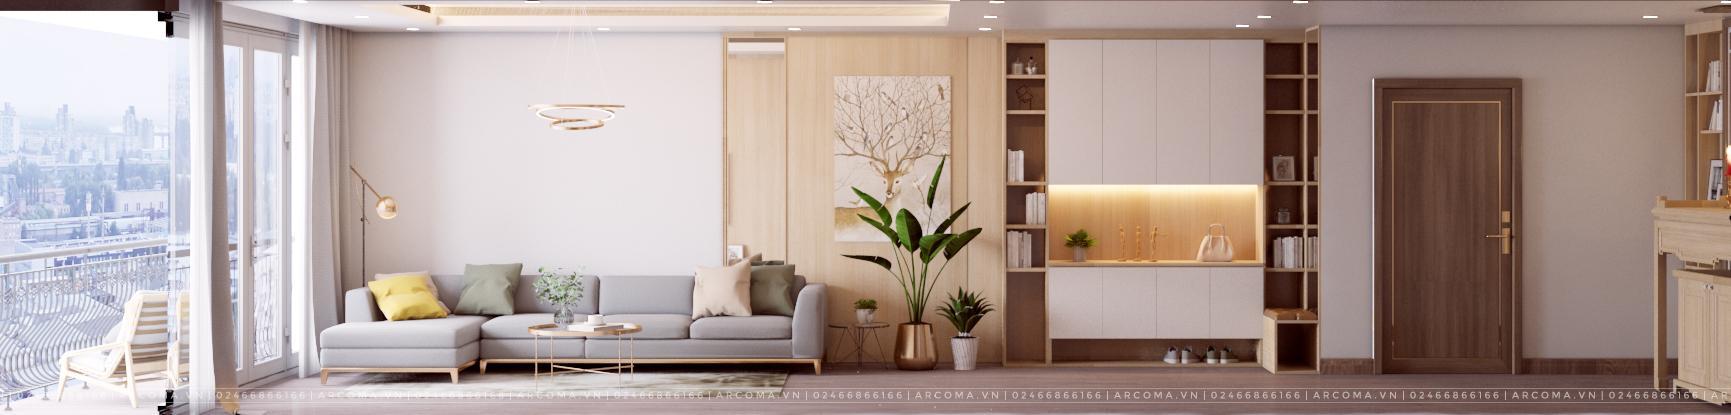 Thiết kế thi công nội thất căn hộ chung cư Bohemia Resedence